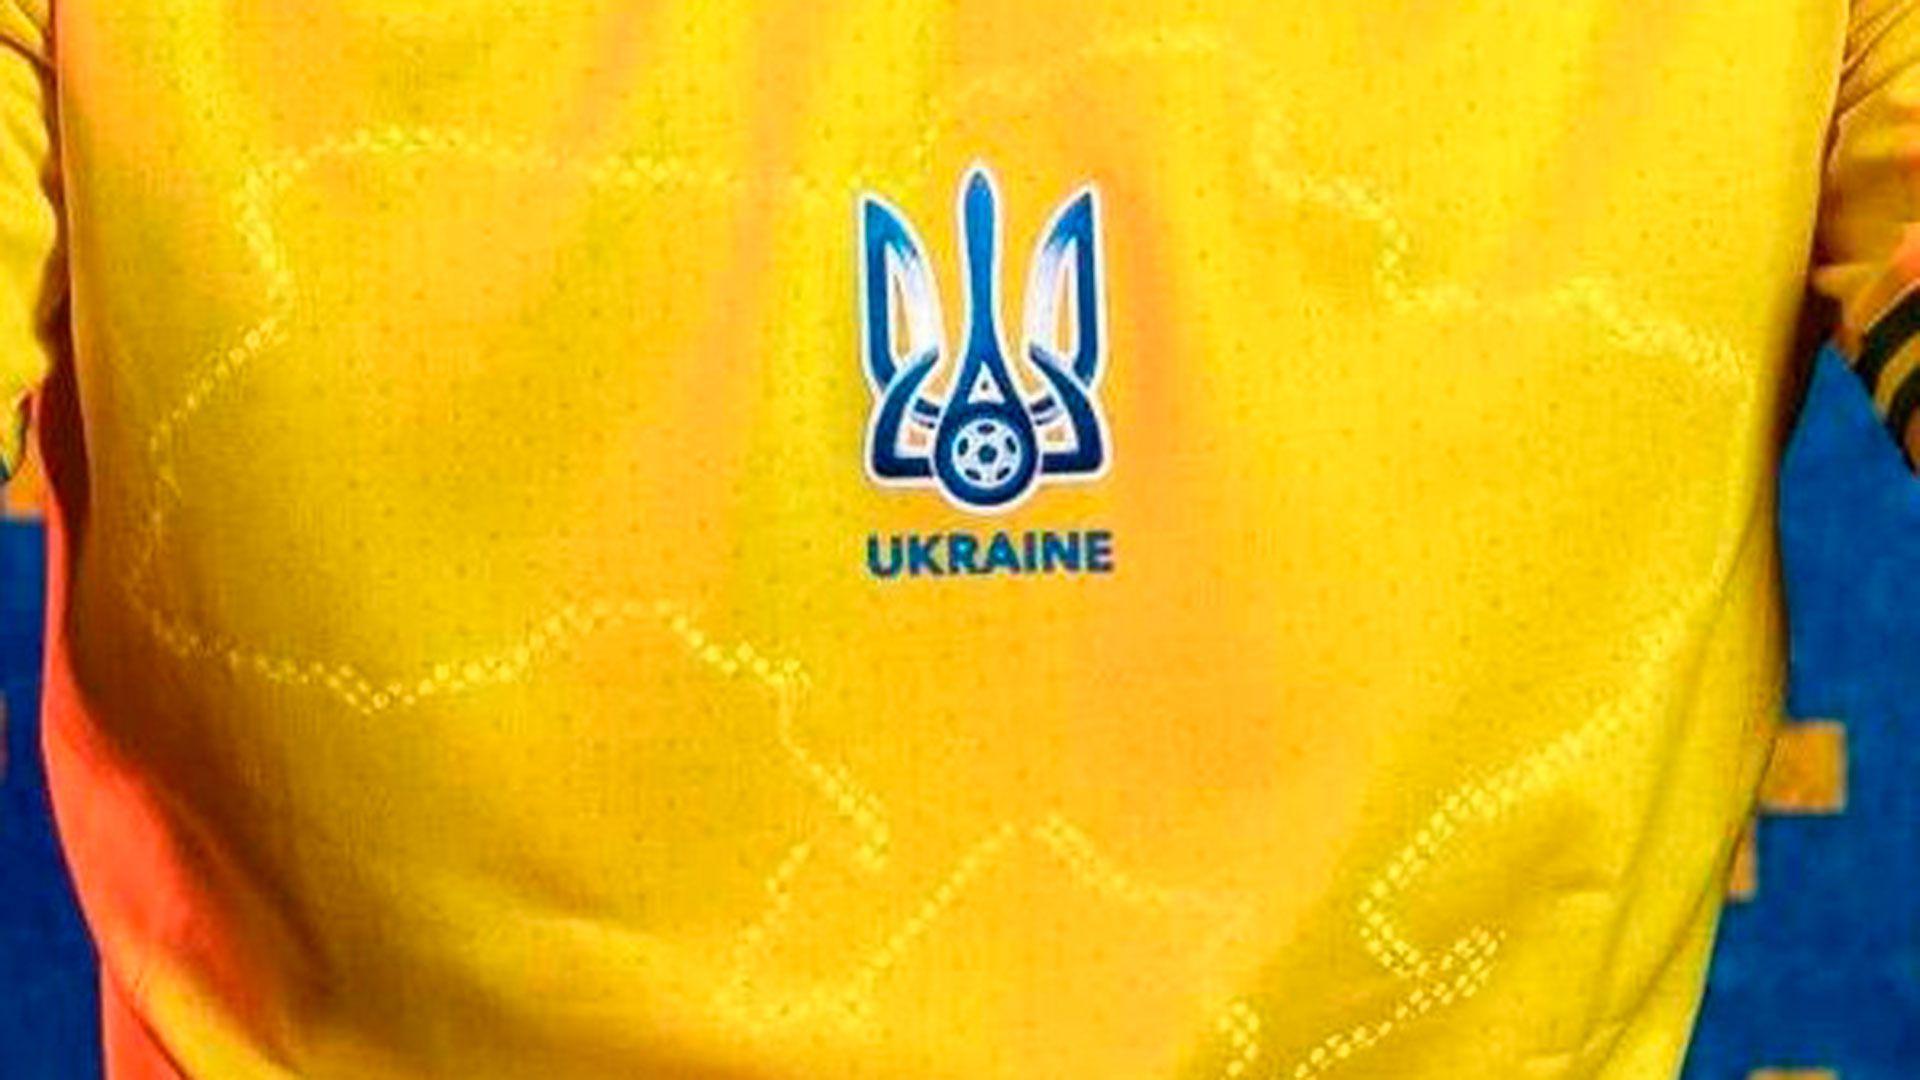 Nueva camiseta de ucrania para la eurocopa